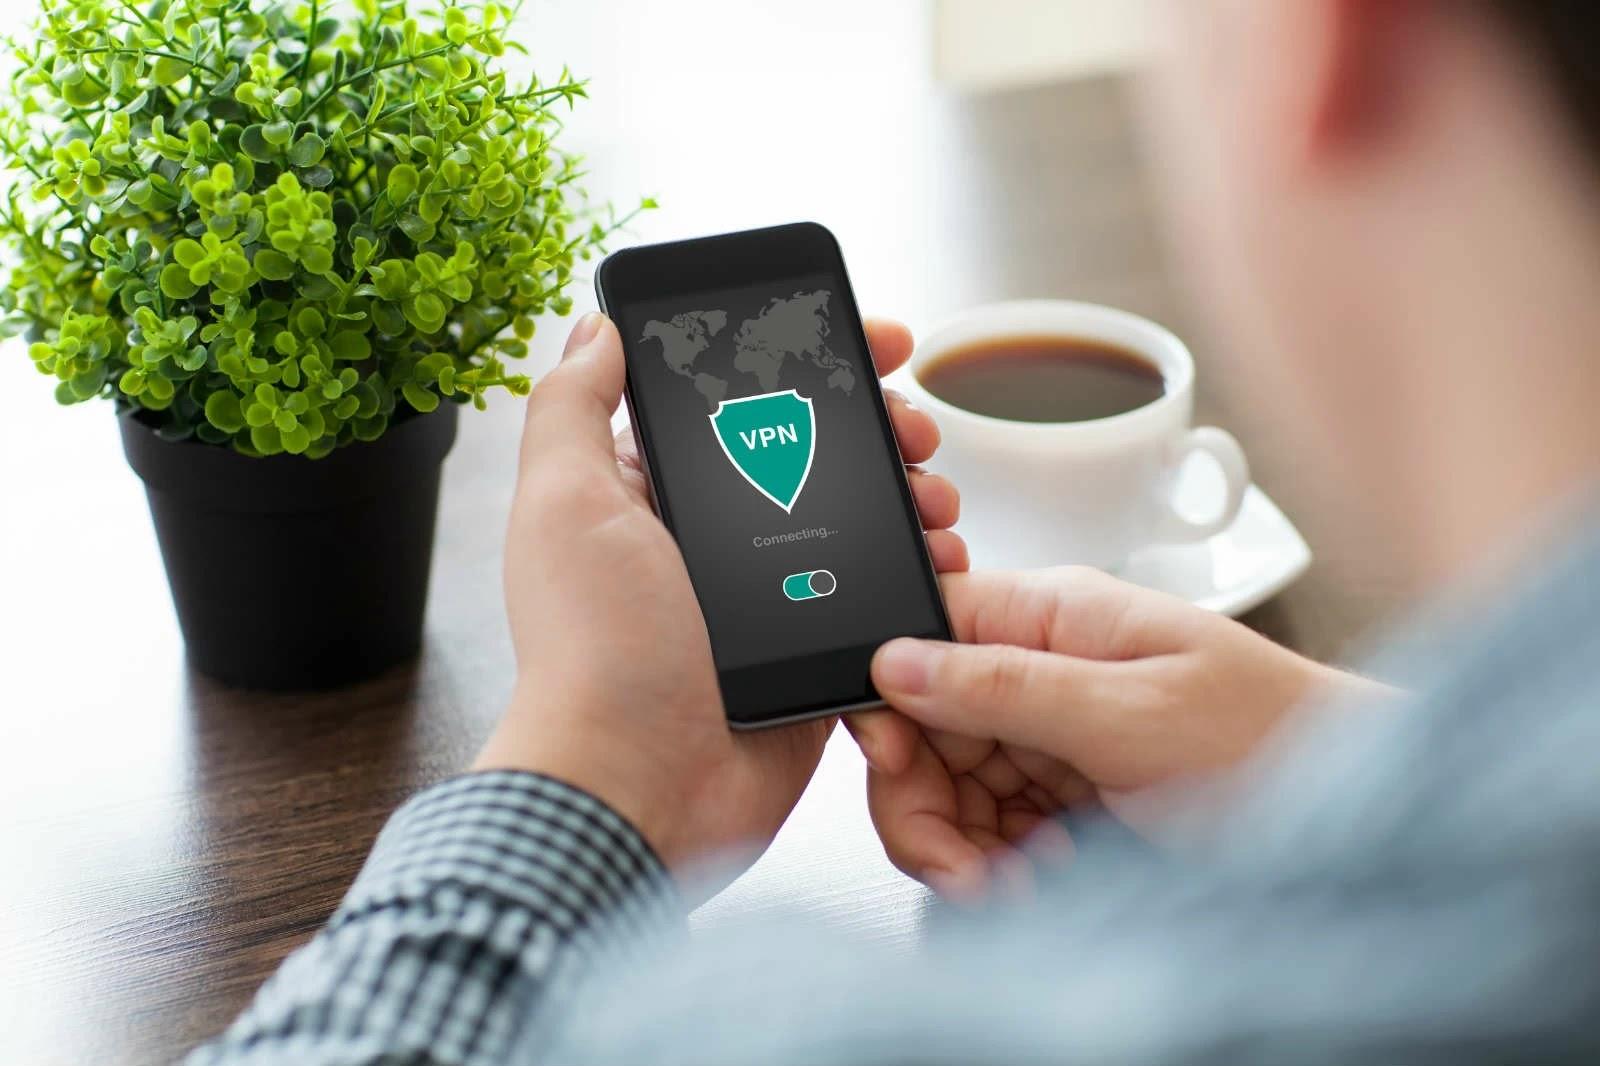 VPN use in UAE